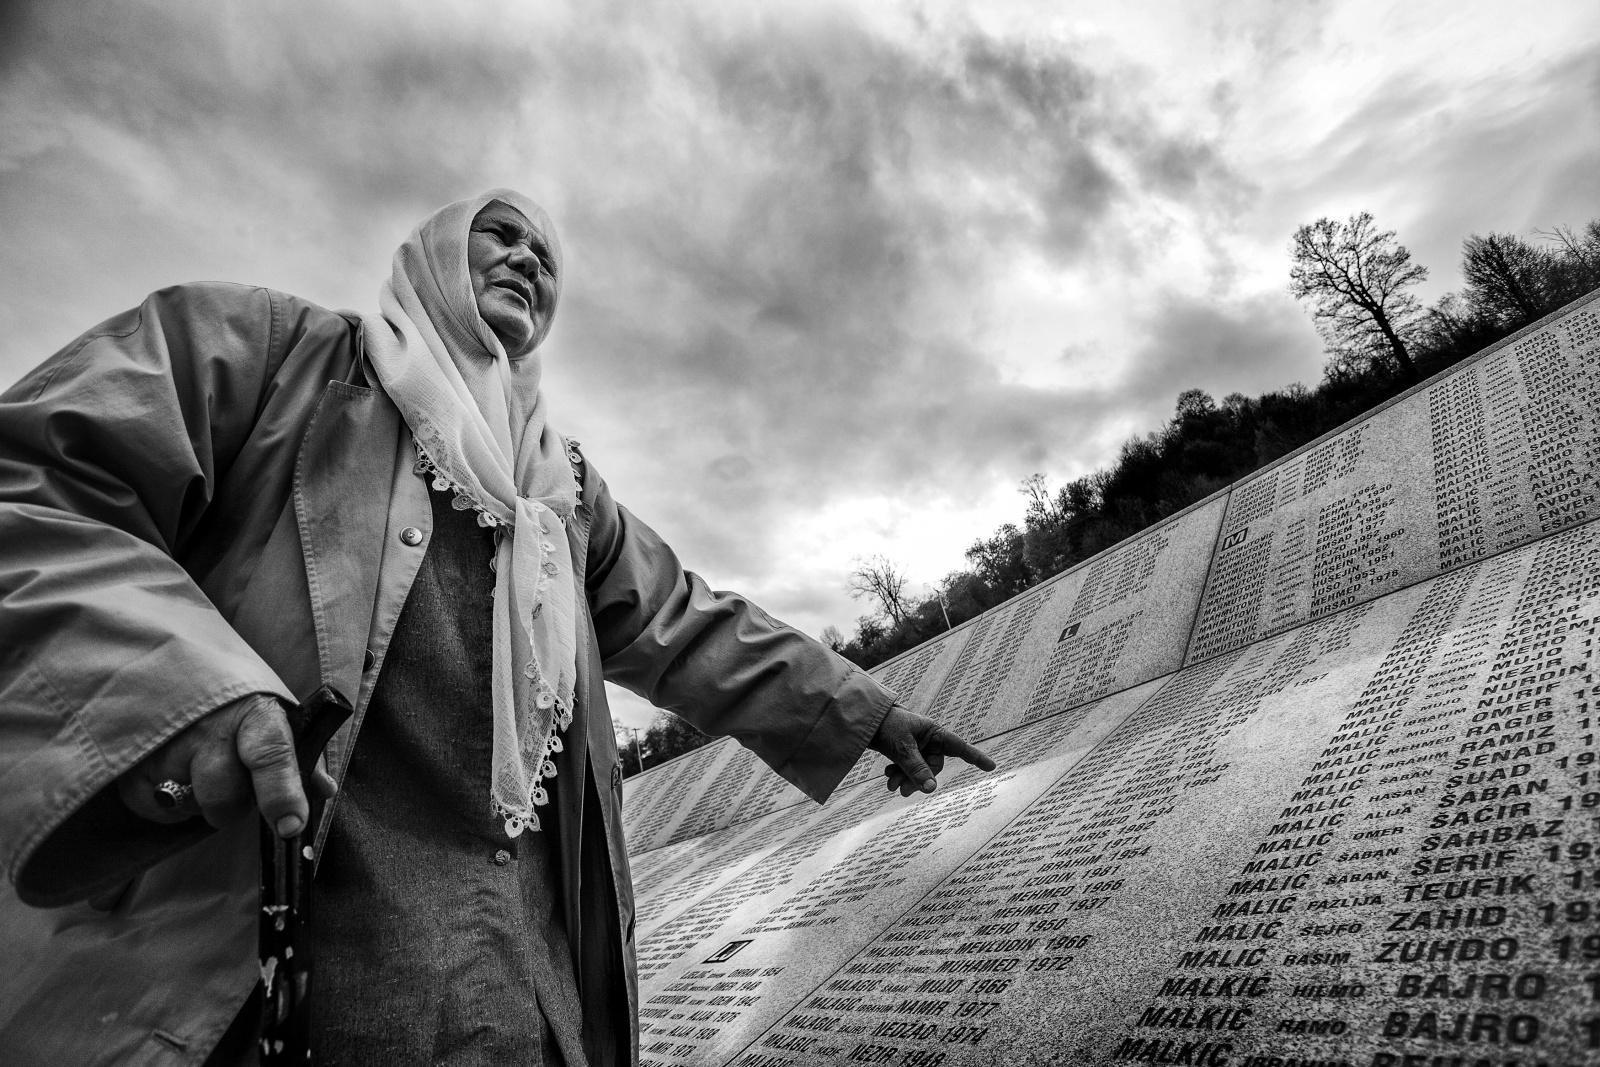 Bosnia - Il memoriale di Potocari dove sono sepolti i musulmani dell'enclave di Srebrenica uccisi dalle truppe paramilitari serbe nel luglio del 1995  Potocari memorial of the Srebrenica victims